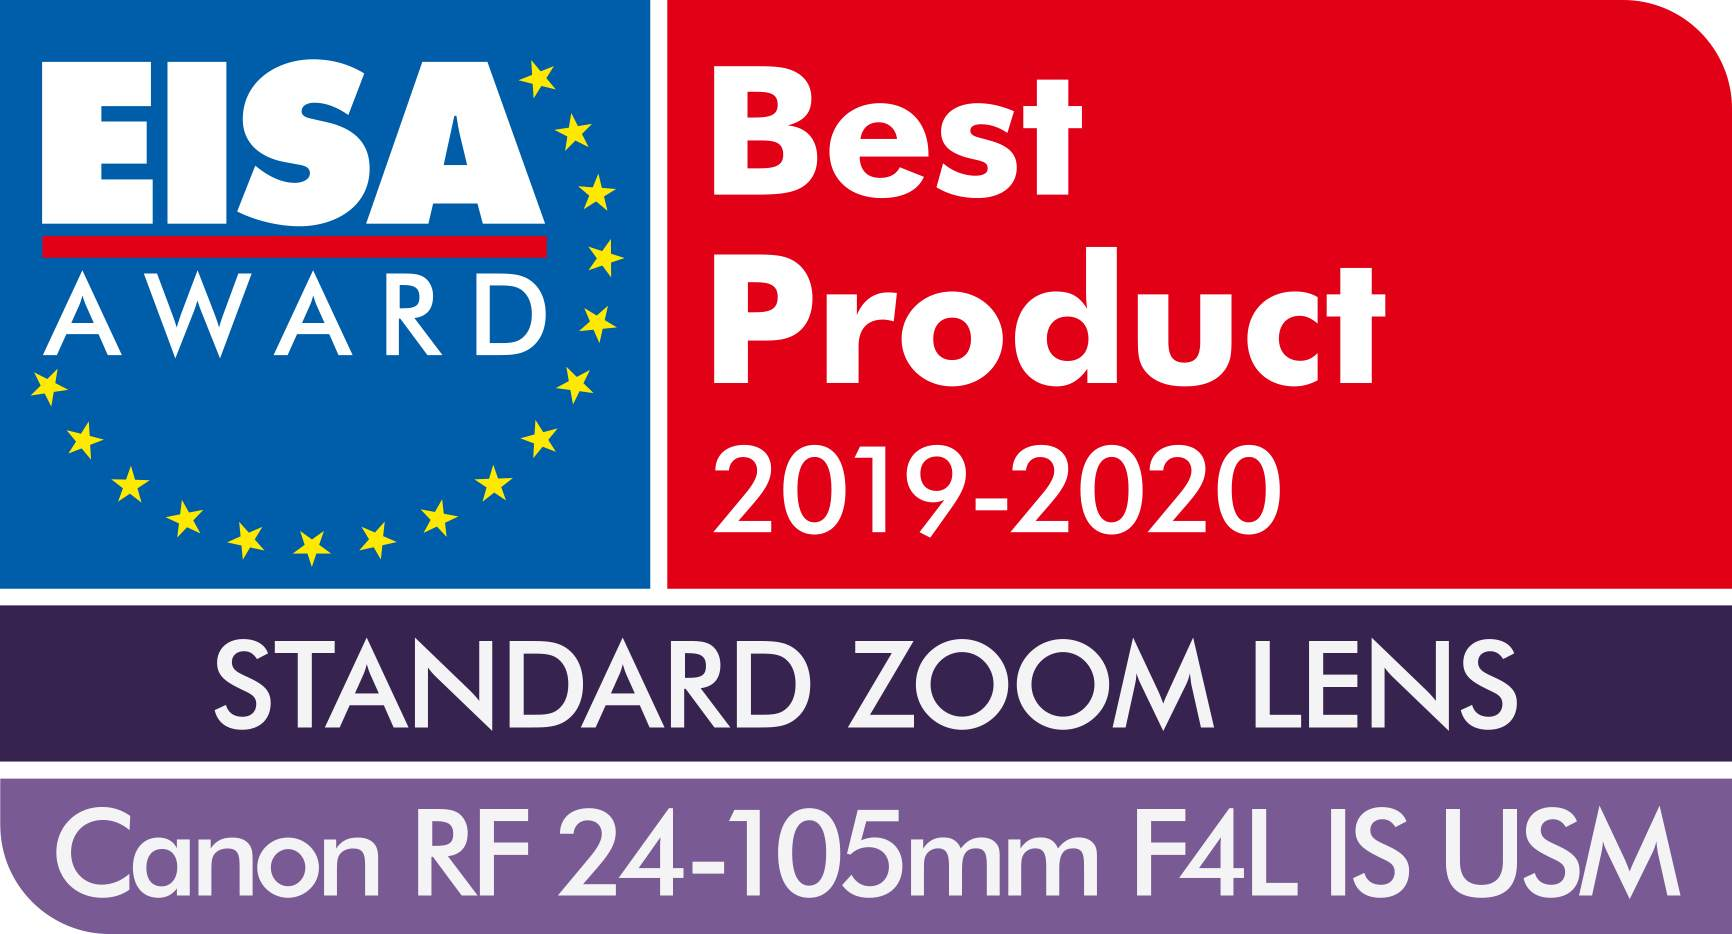 EISA Award Canon RF 24-105mm F4L IS USM - JPEG.jpg